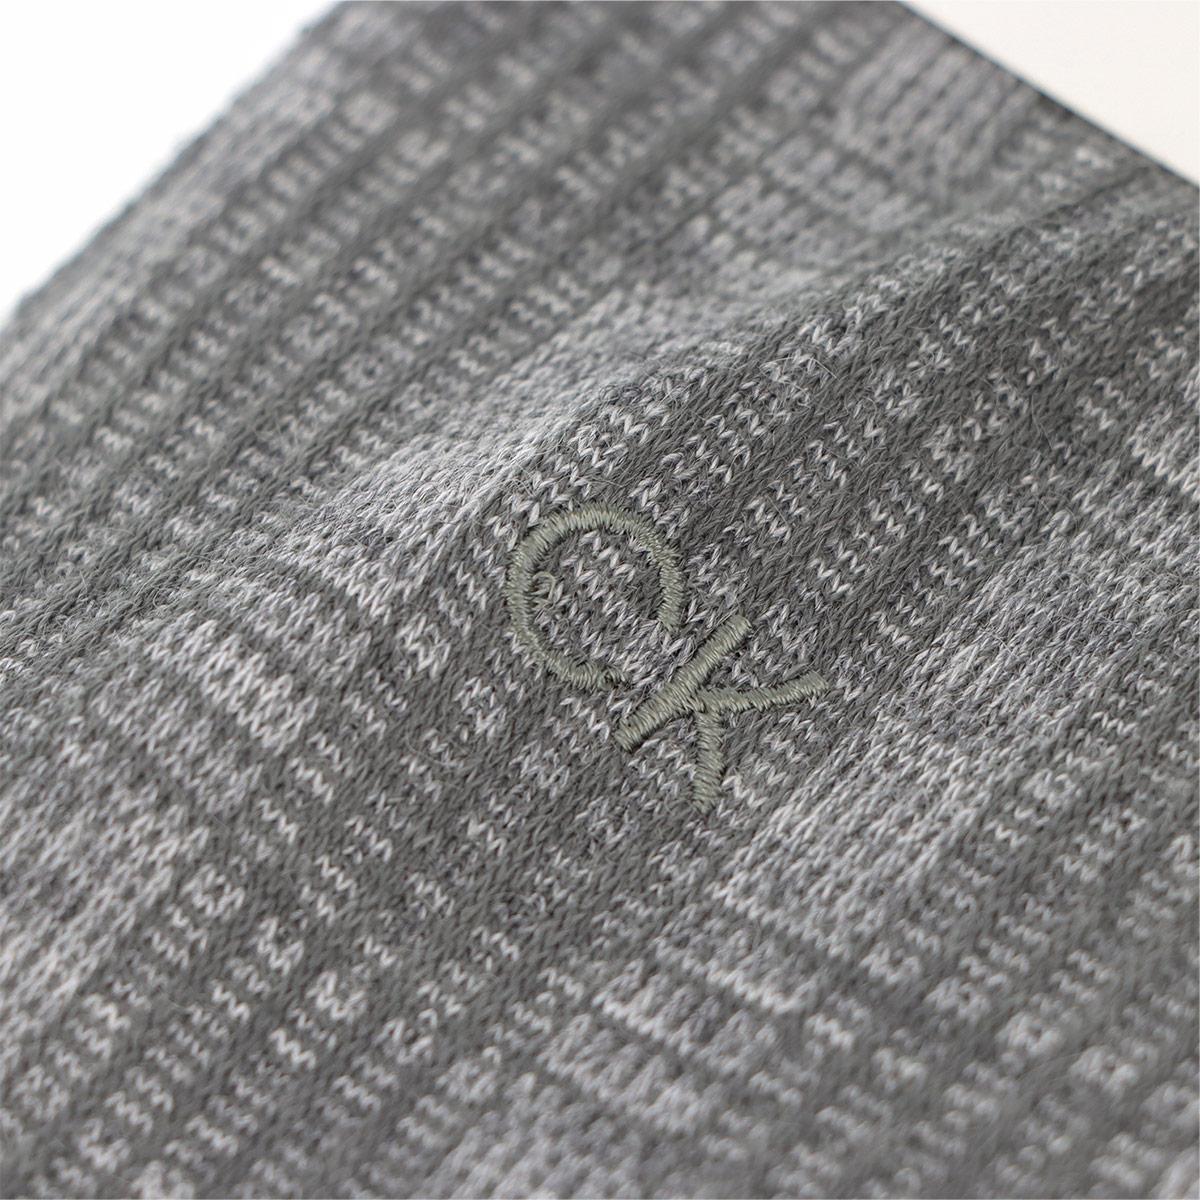 Calvin Klein カルバンクライン 日本製 ドレス チェック柄 クルー丈 ソックス 靴下 メンズ 男性 紳士 02565555【ゆうパケット・4点まで】